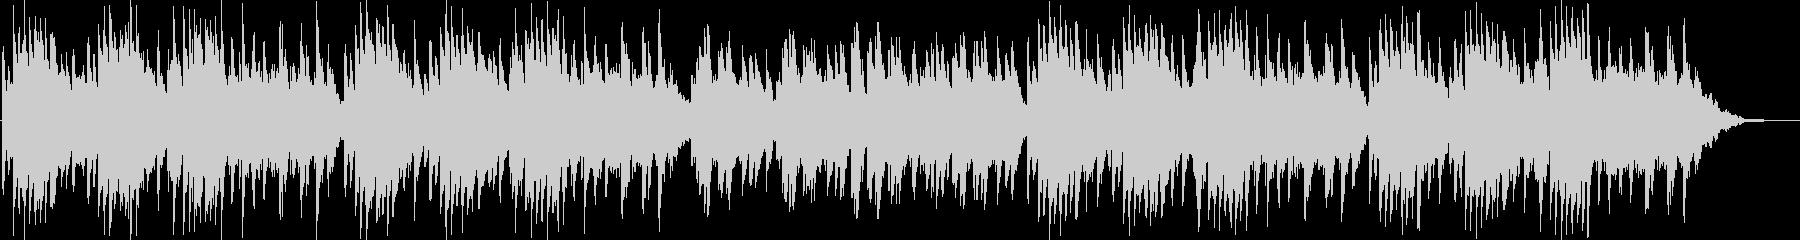 切ない雰囲気のピアノソロBGMの未再生の波形